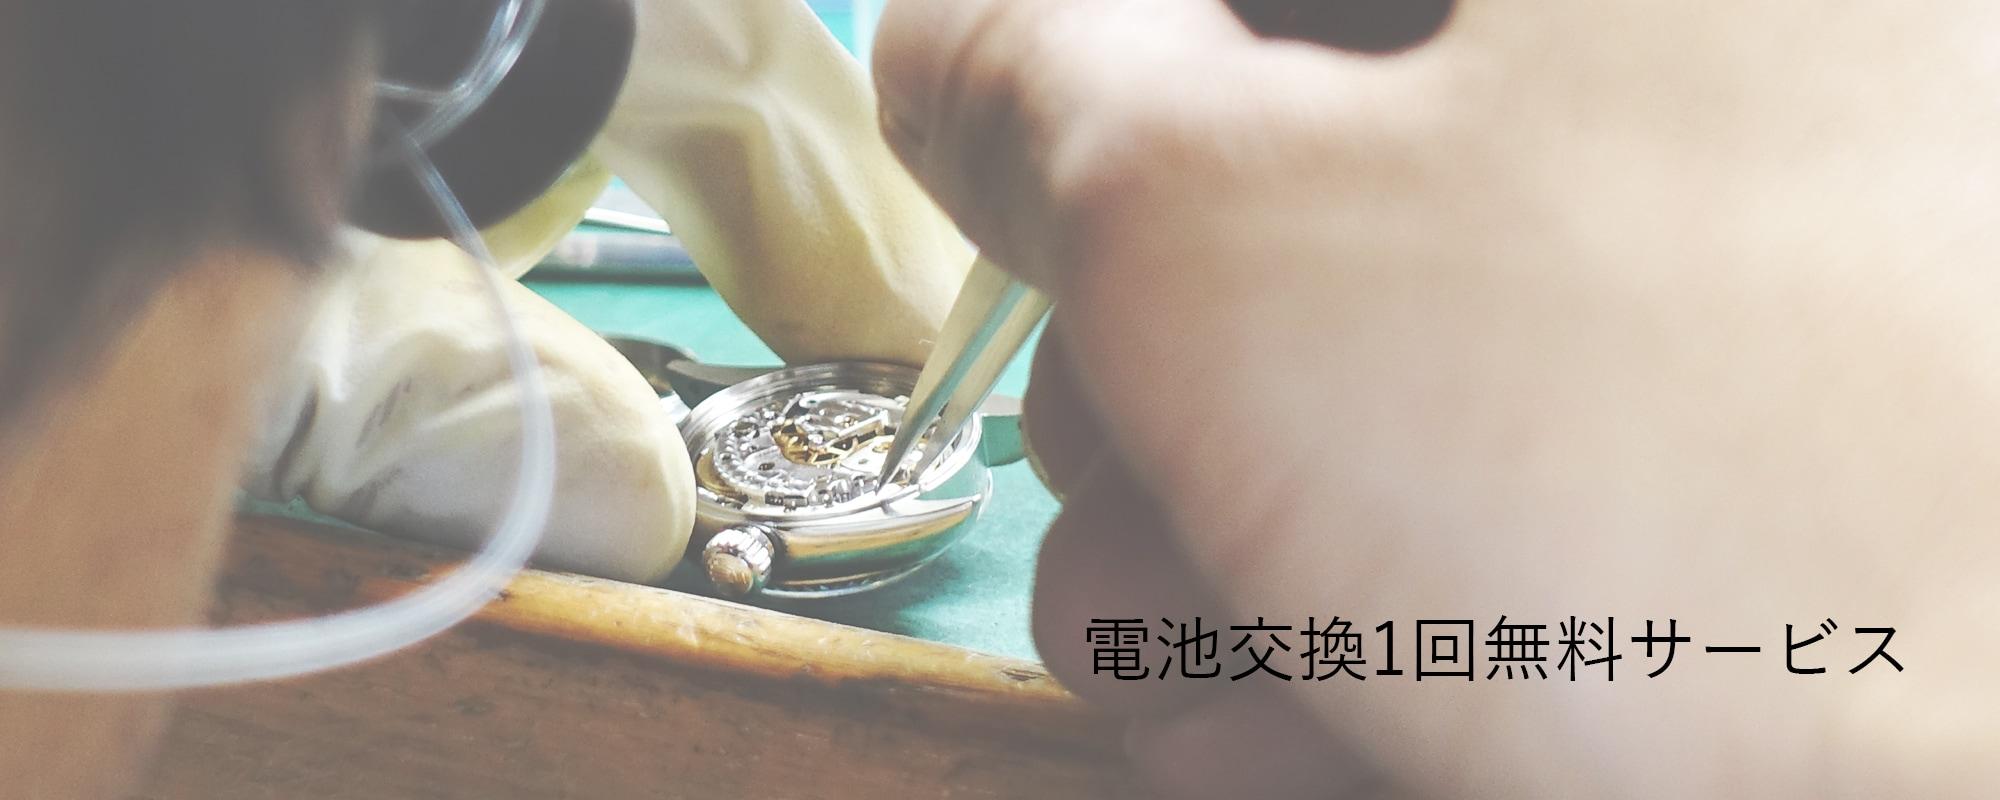 東京ウォッチスタイル 電池交換1回無料サービス